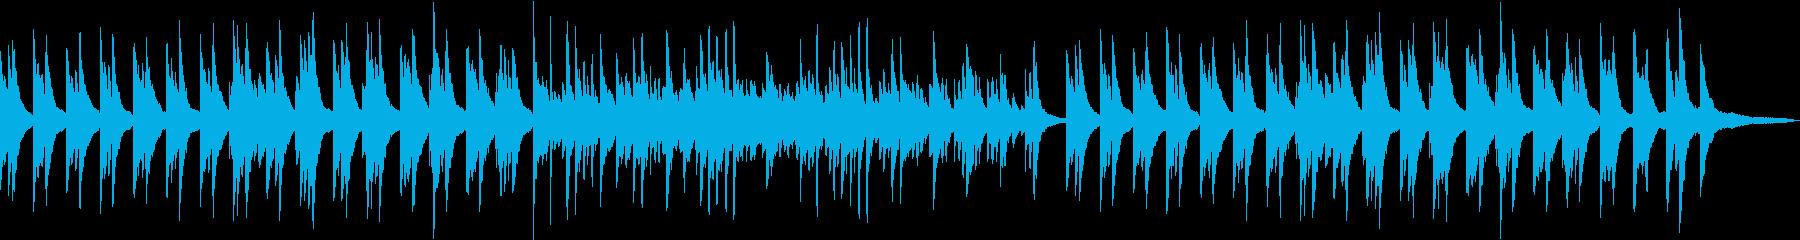 シンプルで明るいピアノソロBGMです。の再生済みの波形